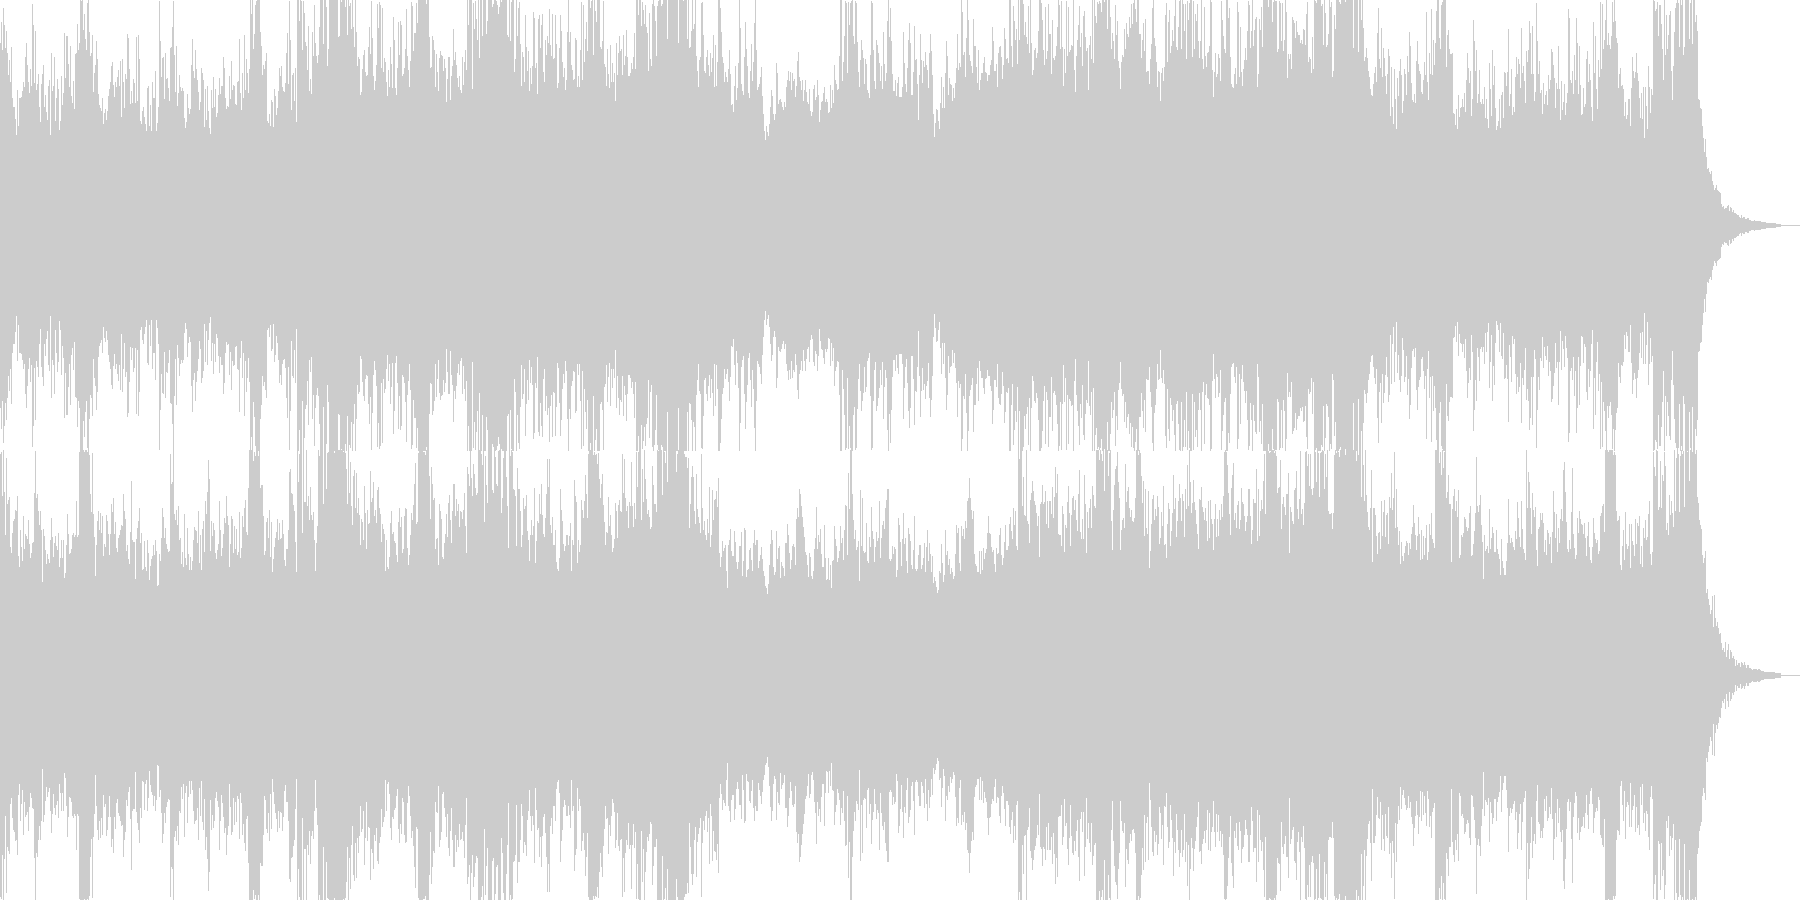 緊迫感があり暗くパワフルなオーケストラ曲の未再生の波形